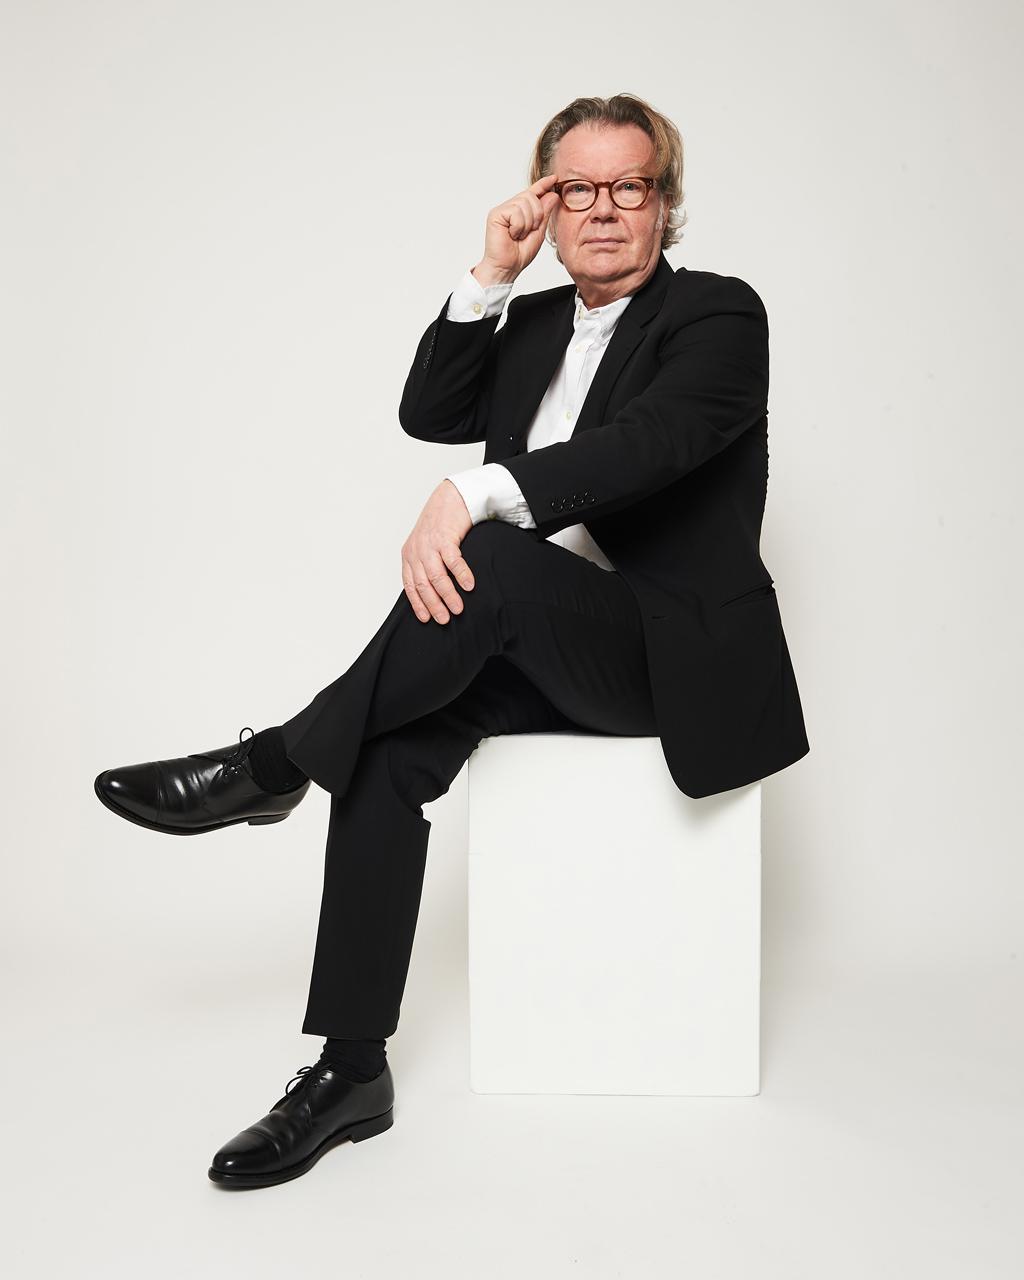 Björn Hedlund